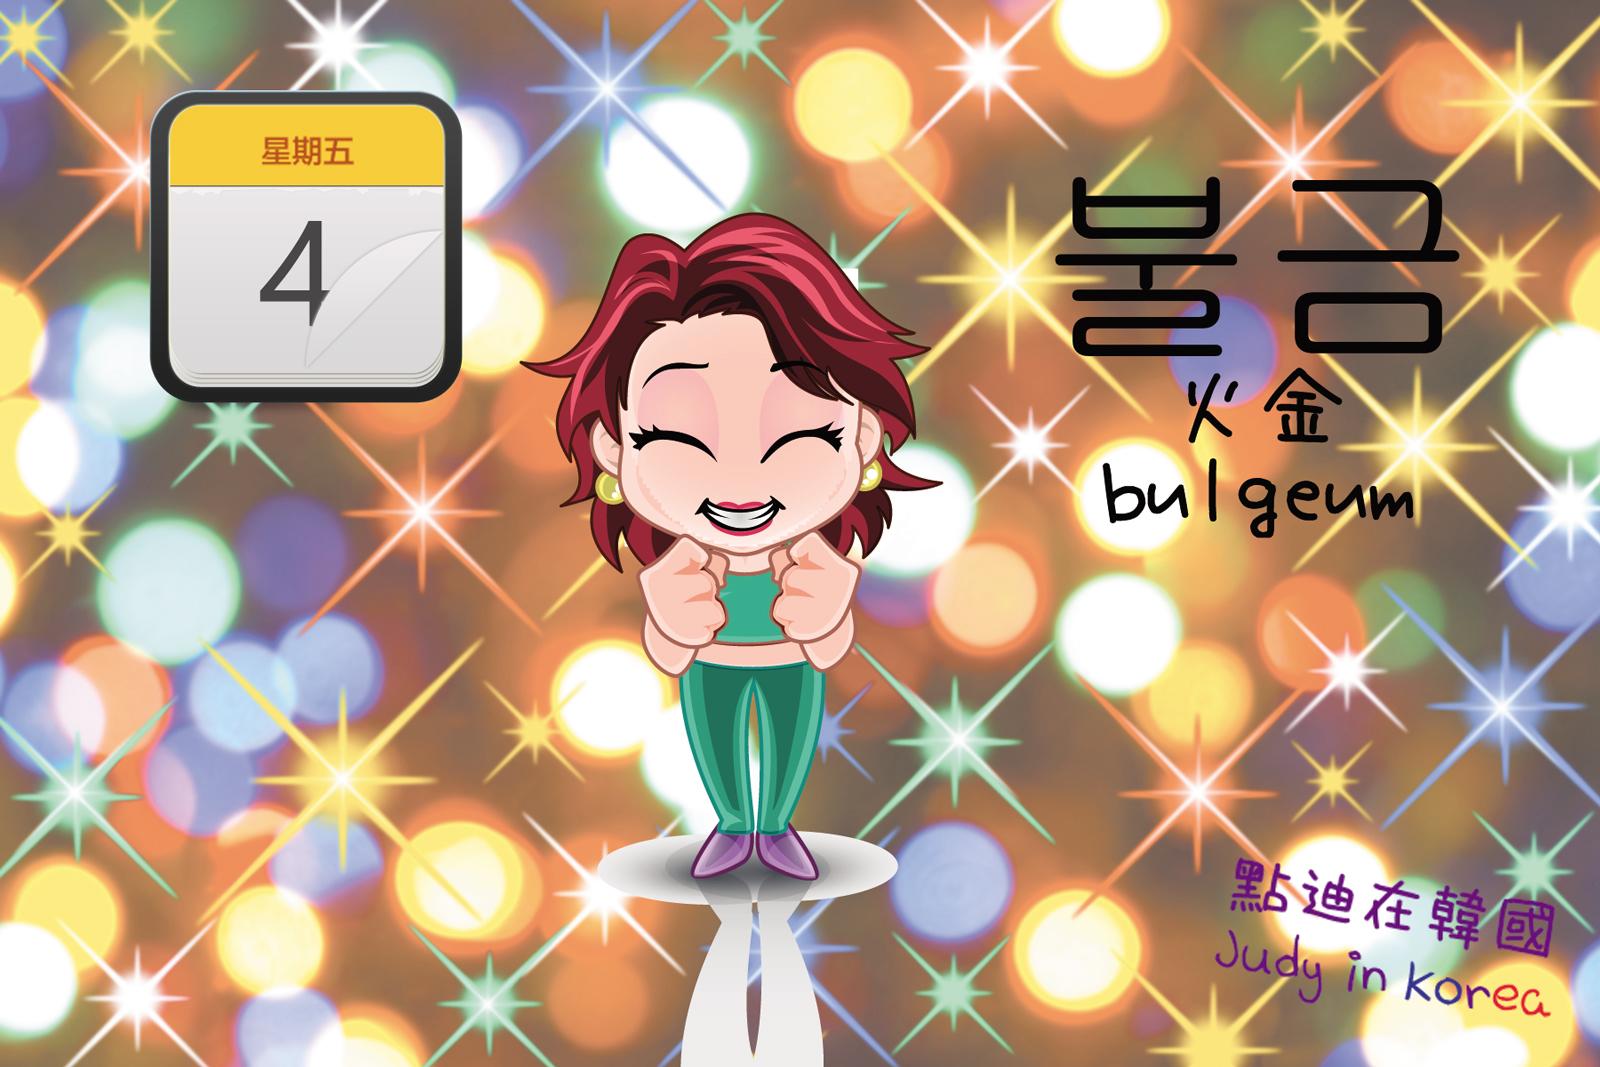 [韓語教室] 불금 燃燒的星期五 | 點迪在韓國 Judy in Korea